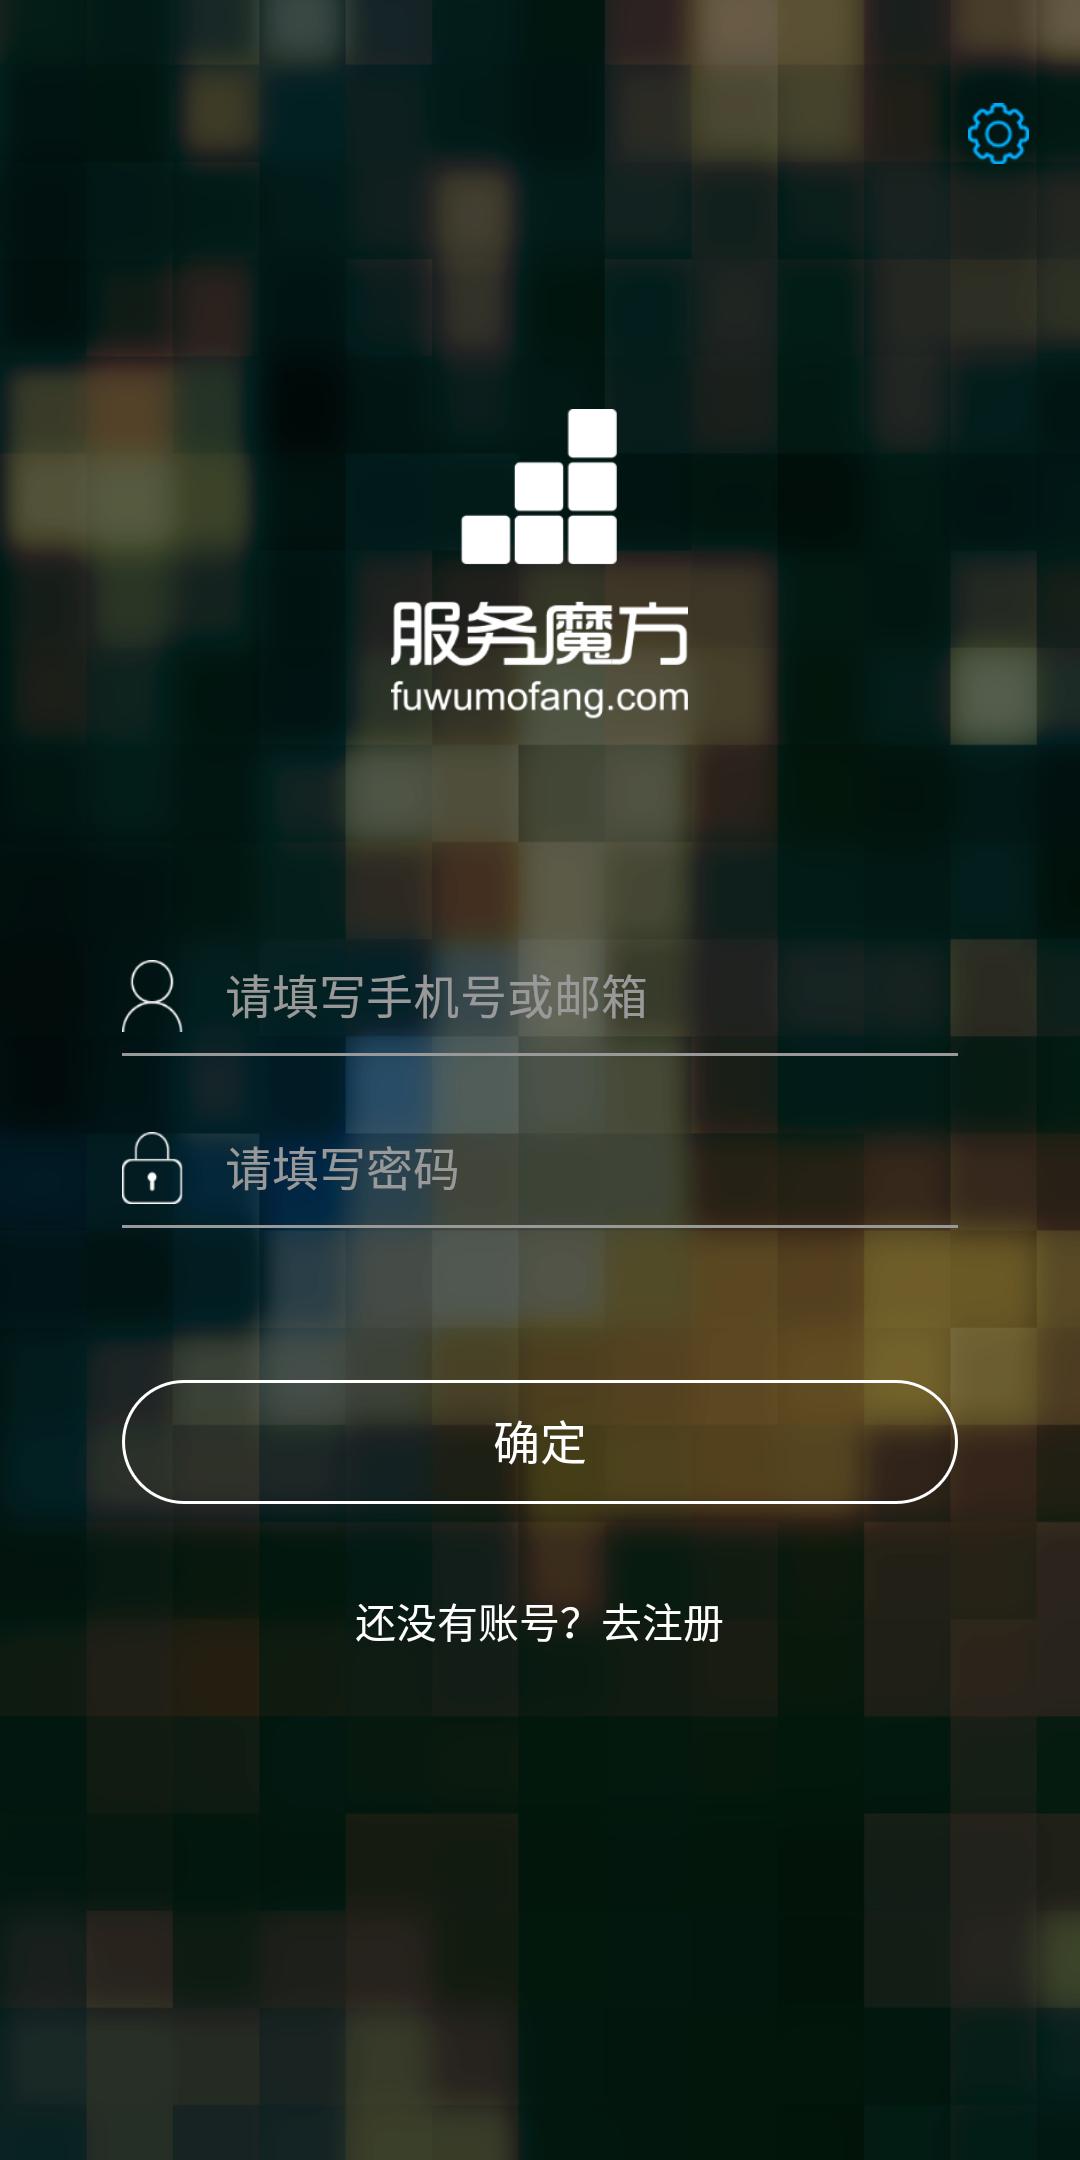 移动办公软件app界面设计如何绘制简易bmc图片